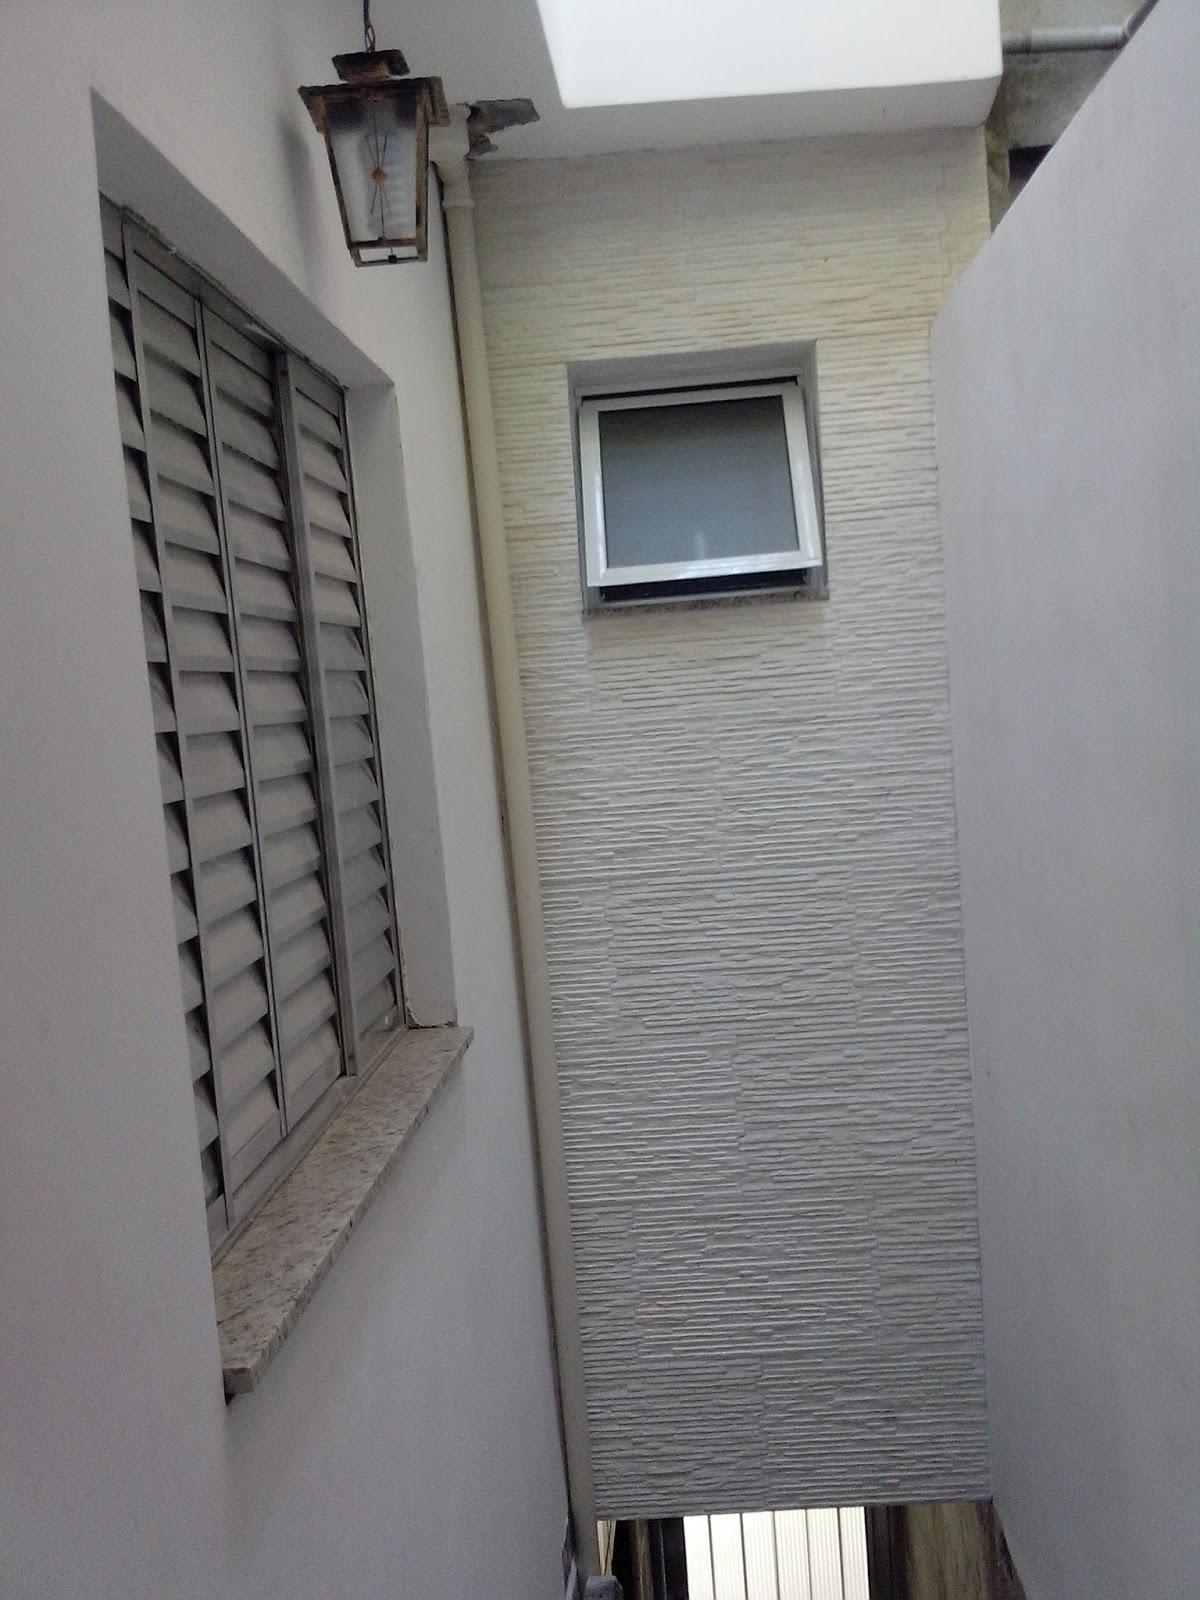 de ar com tijolo vazado recebeu uma janela redonda de madeira #58524B 1200 1600